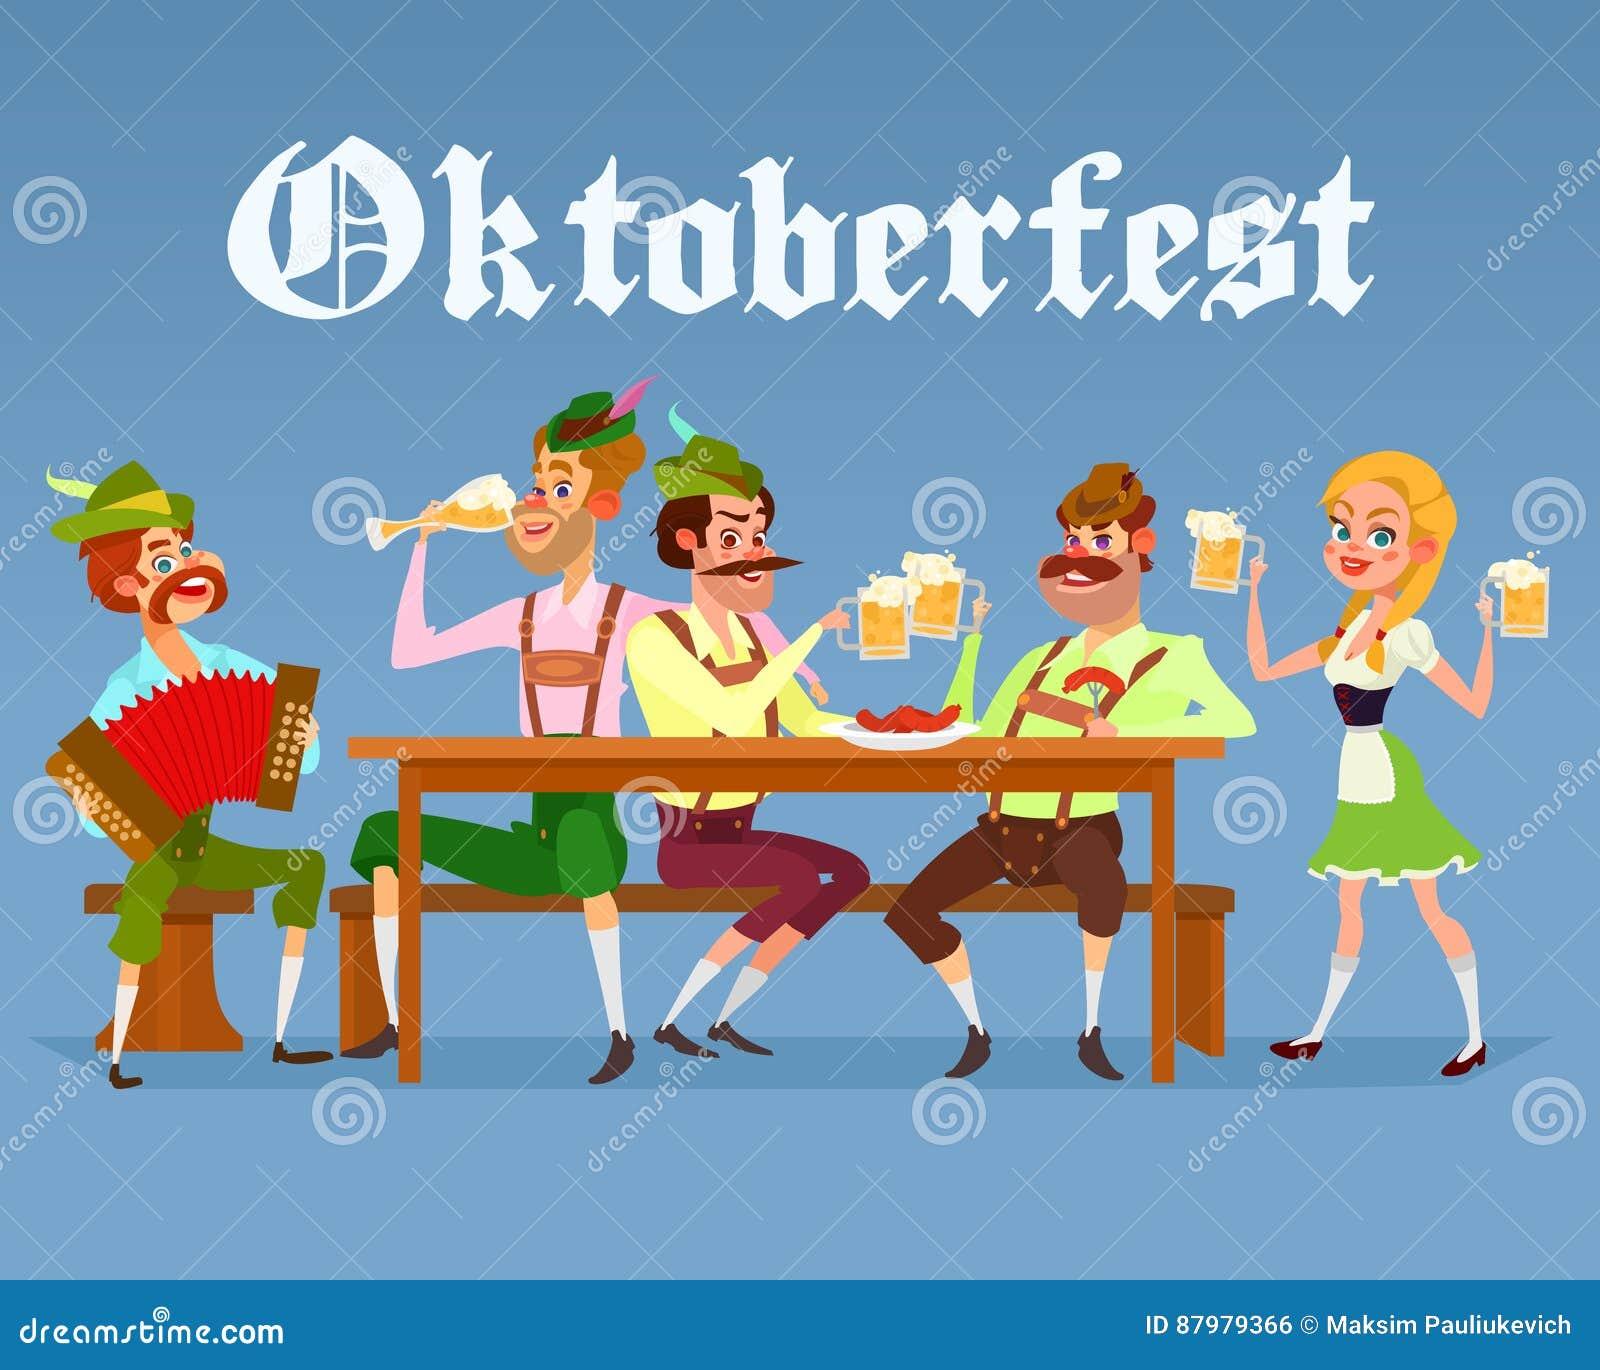 Vektortecknad filmillustration av roliga män som dricker öl under ölfestivalen Oktoberfest